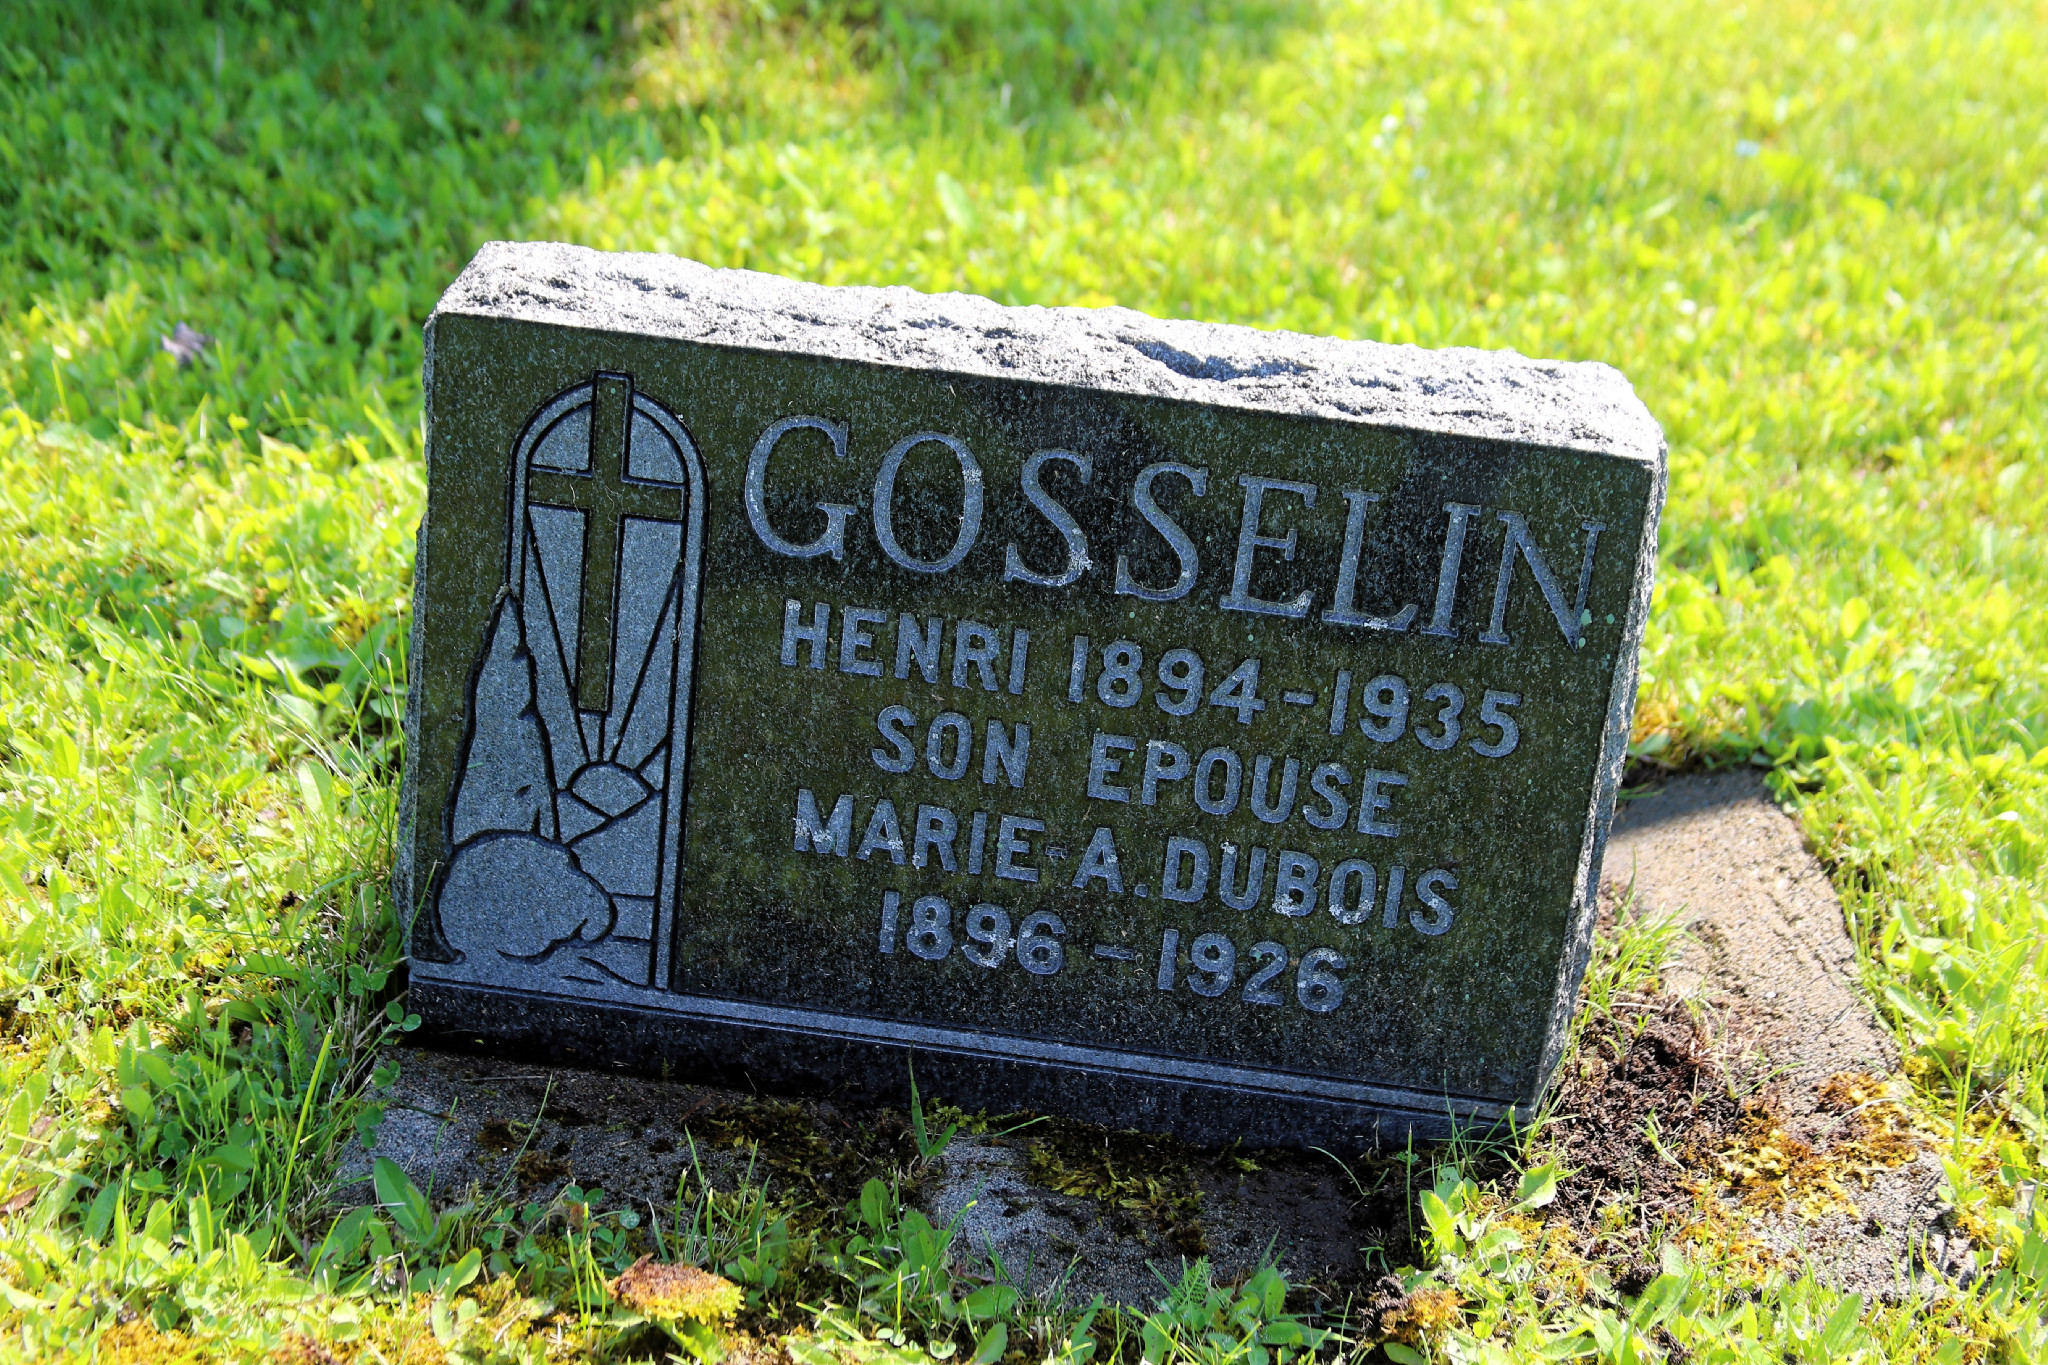 Henri Gosselin